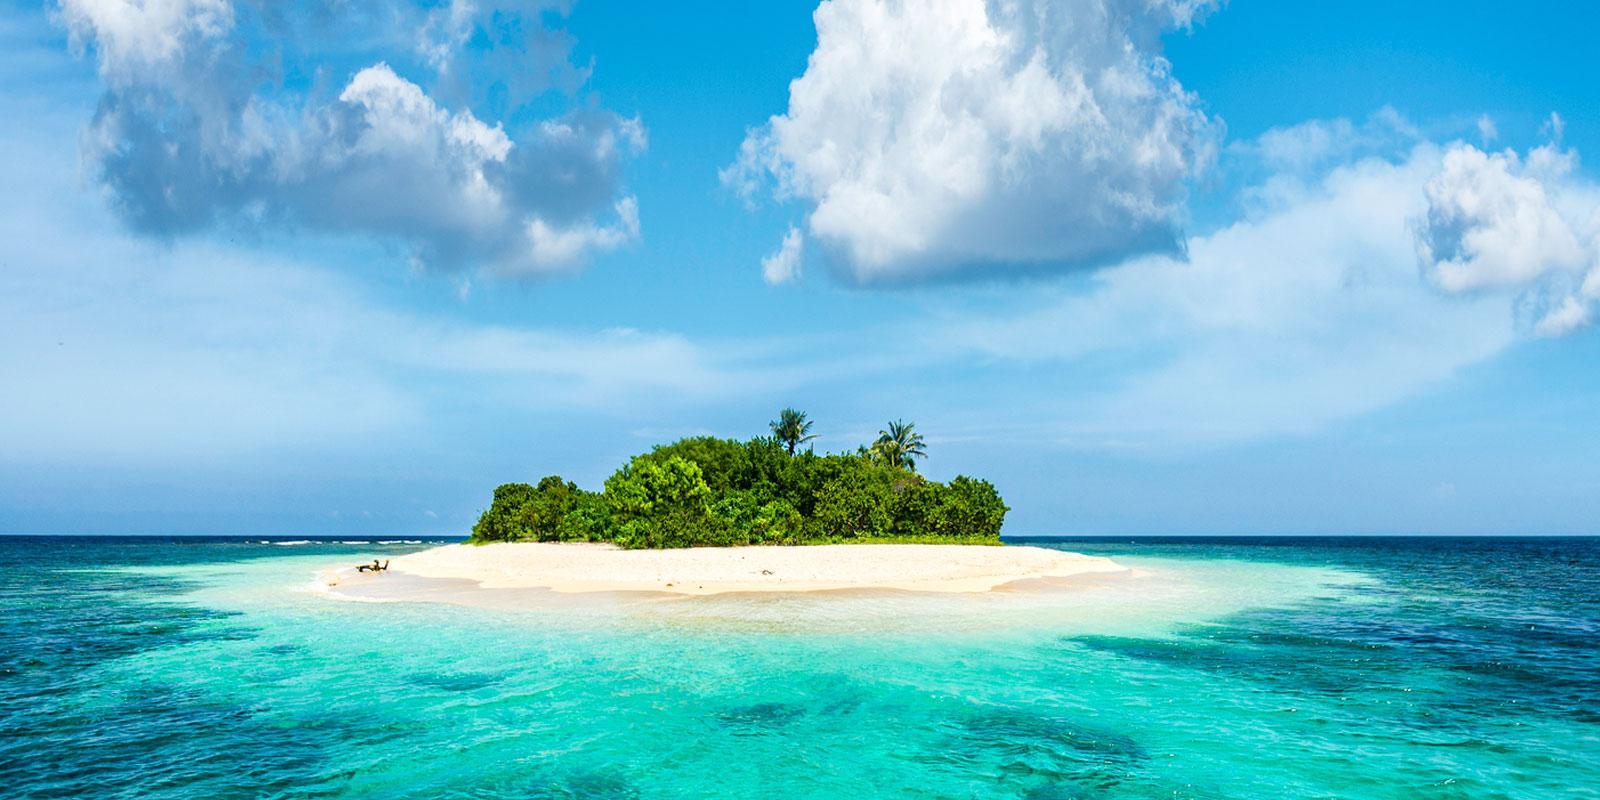 Island in Bahamas